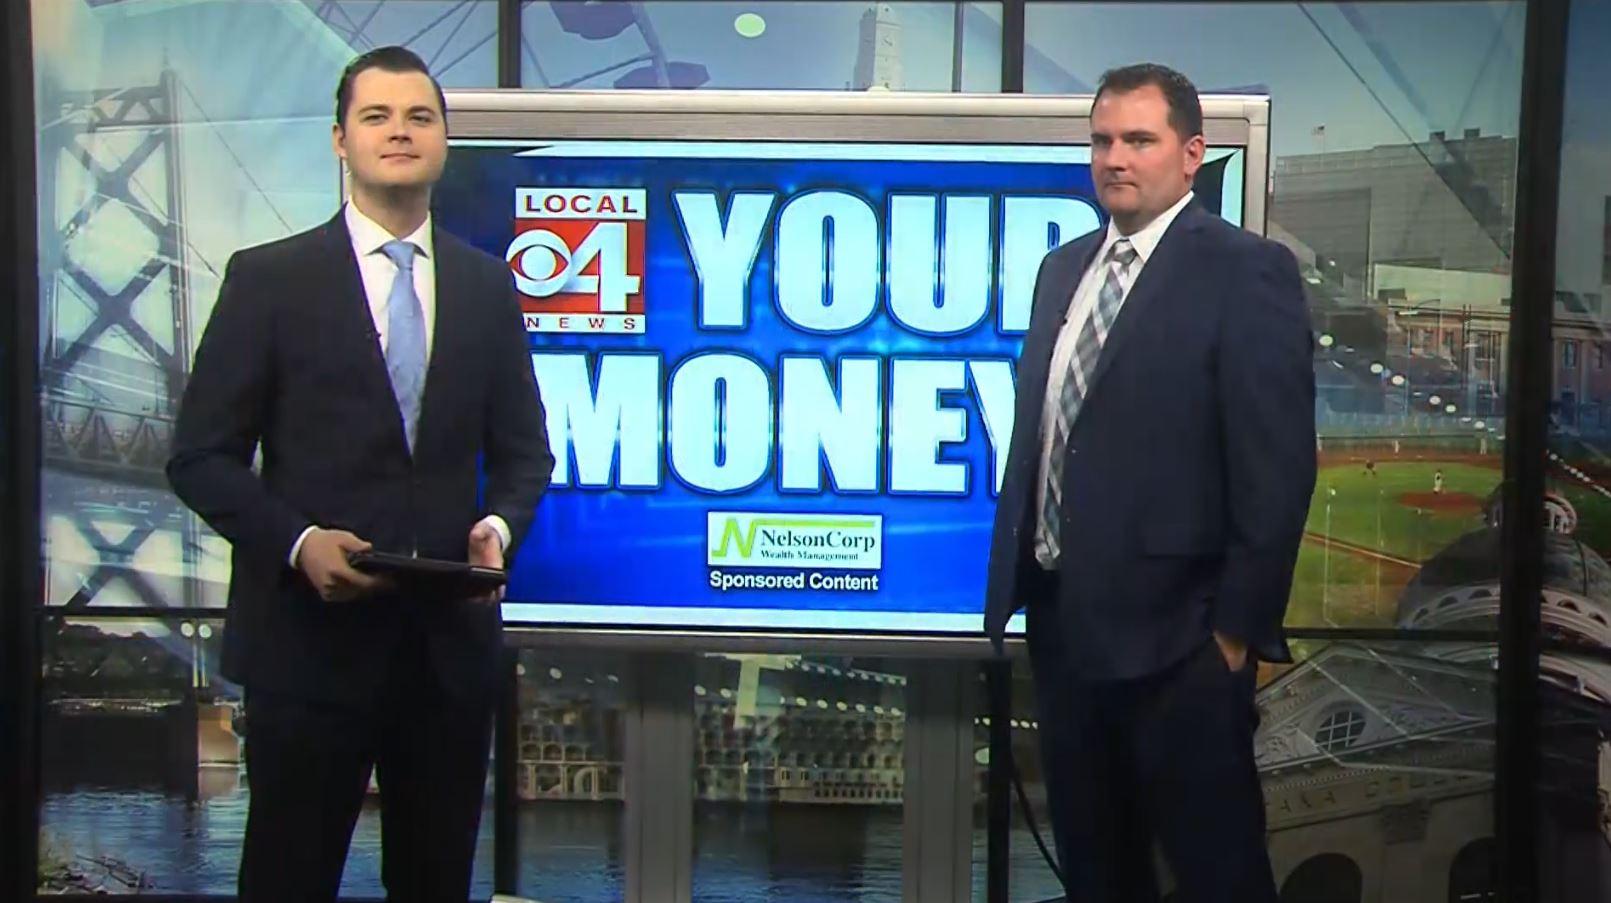 4 your money